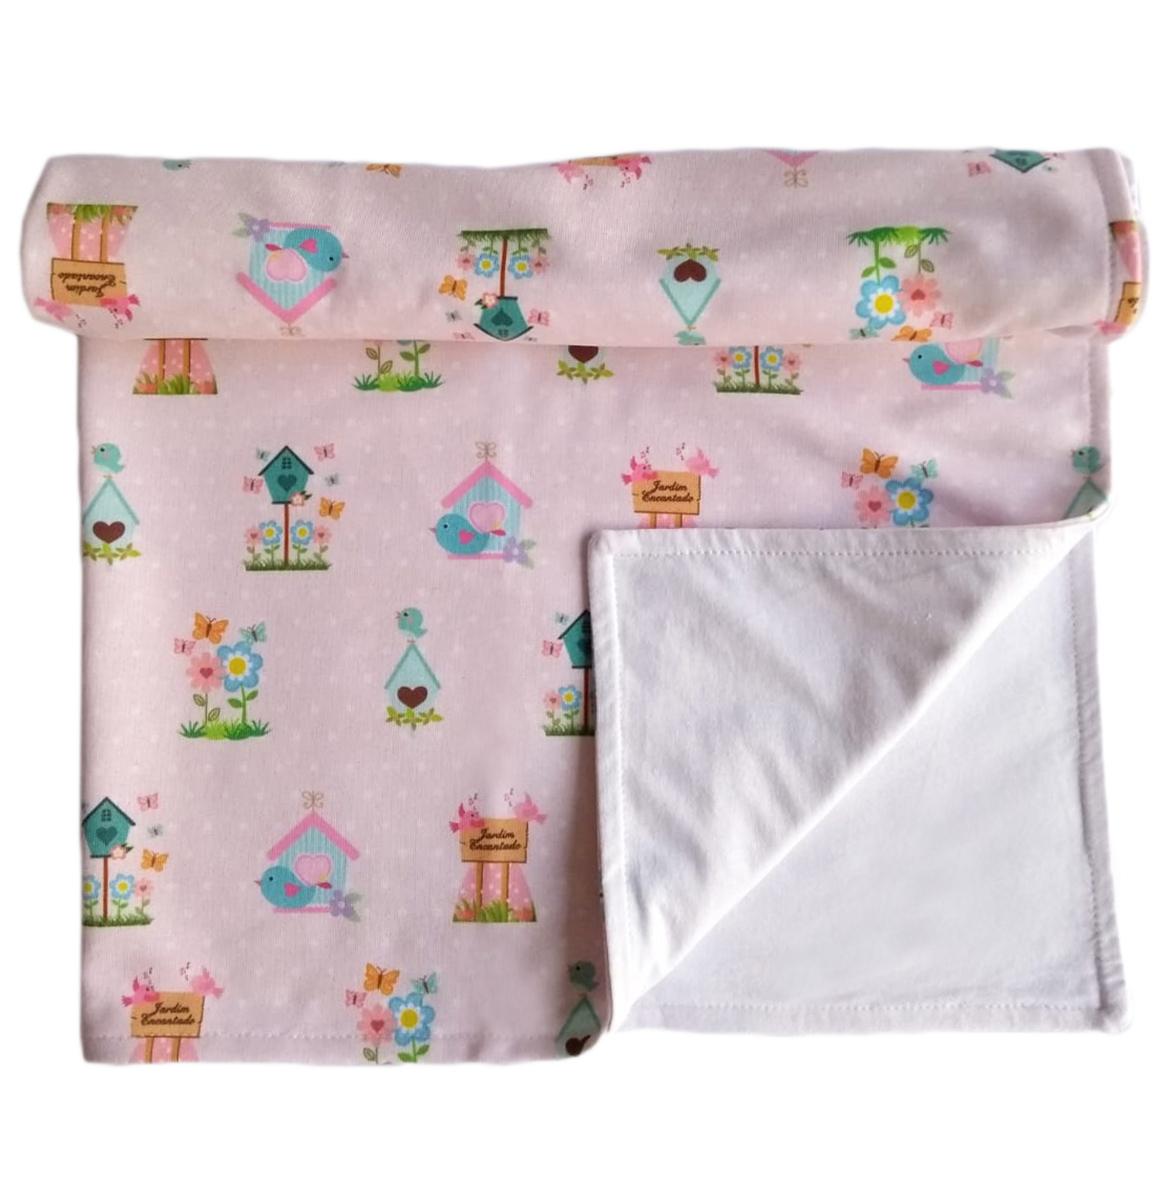 Manta Bebê Jardim Encantado Dupla Face Cobertor Forrado